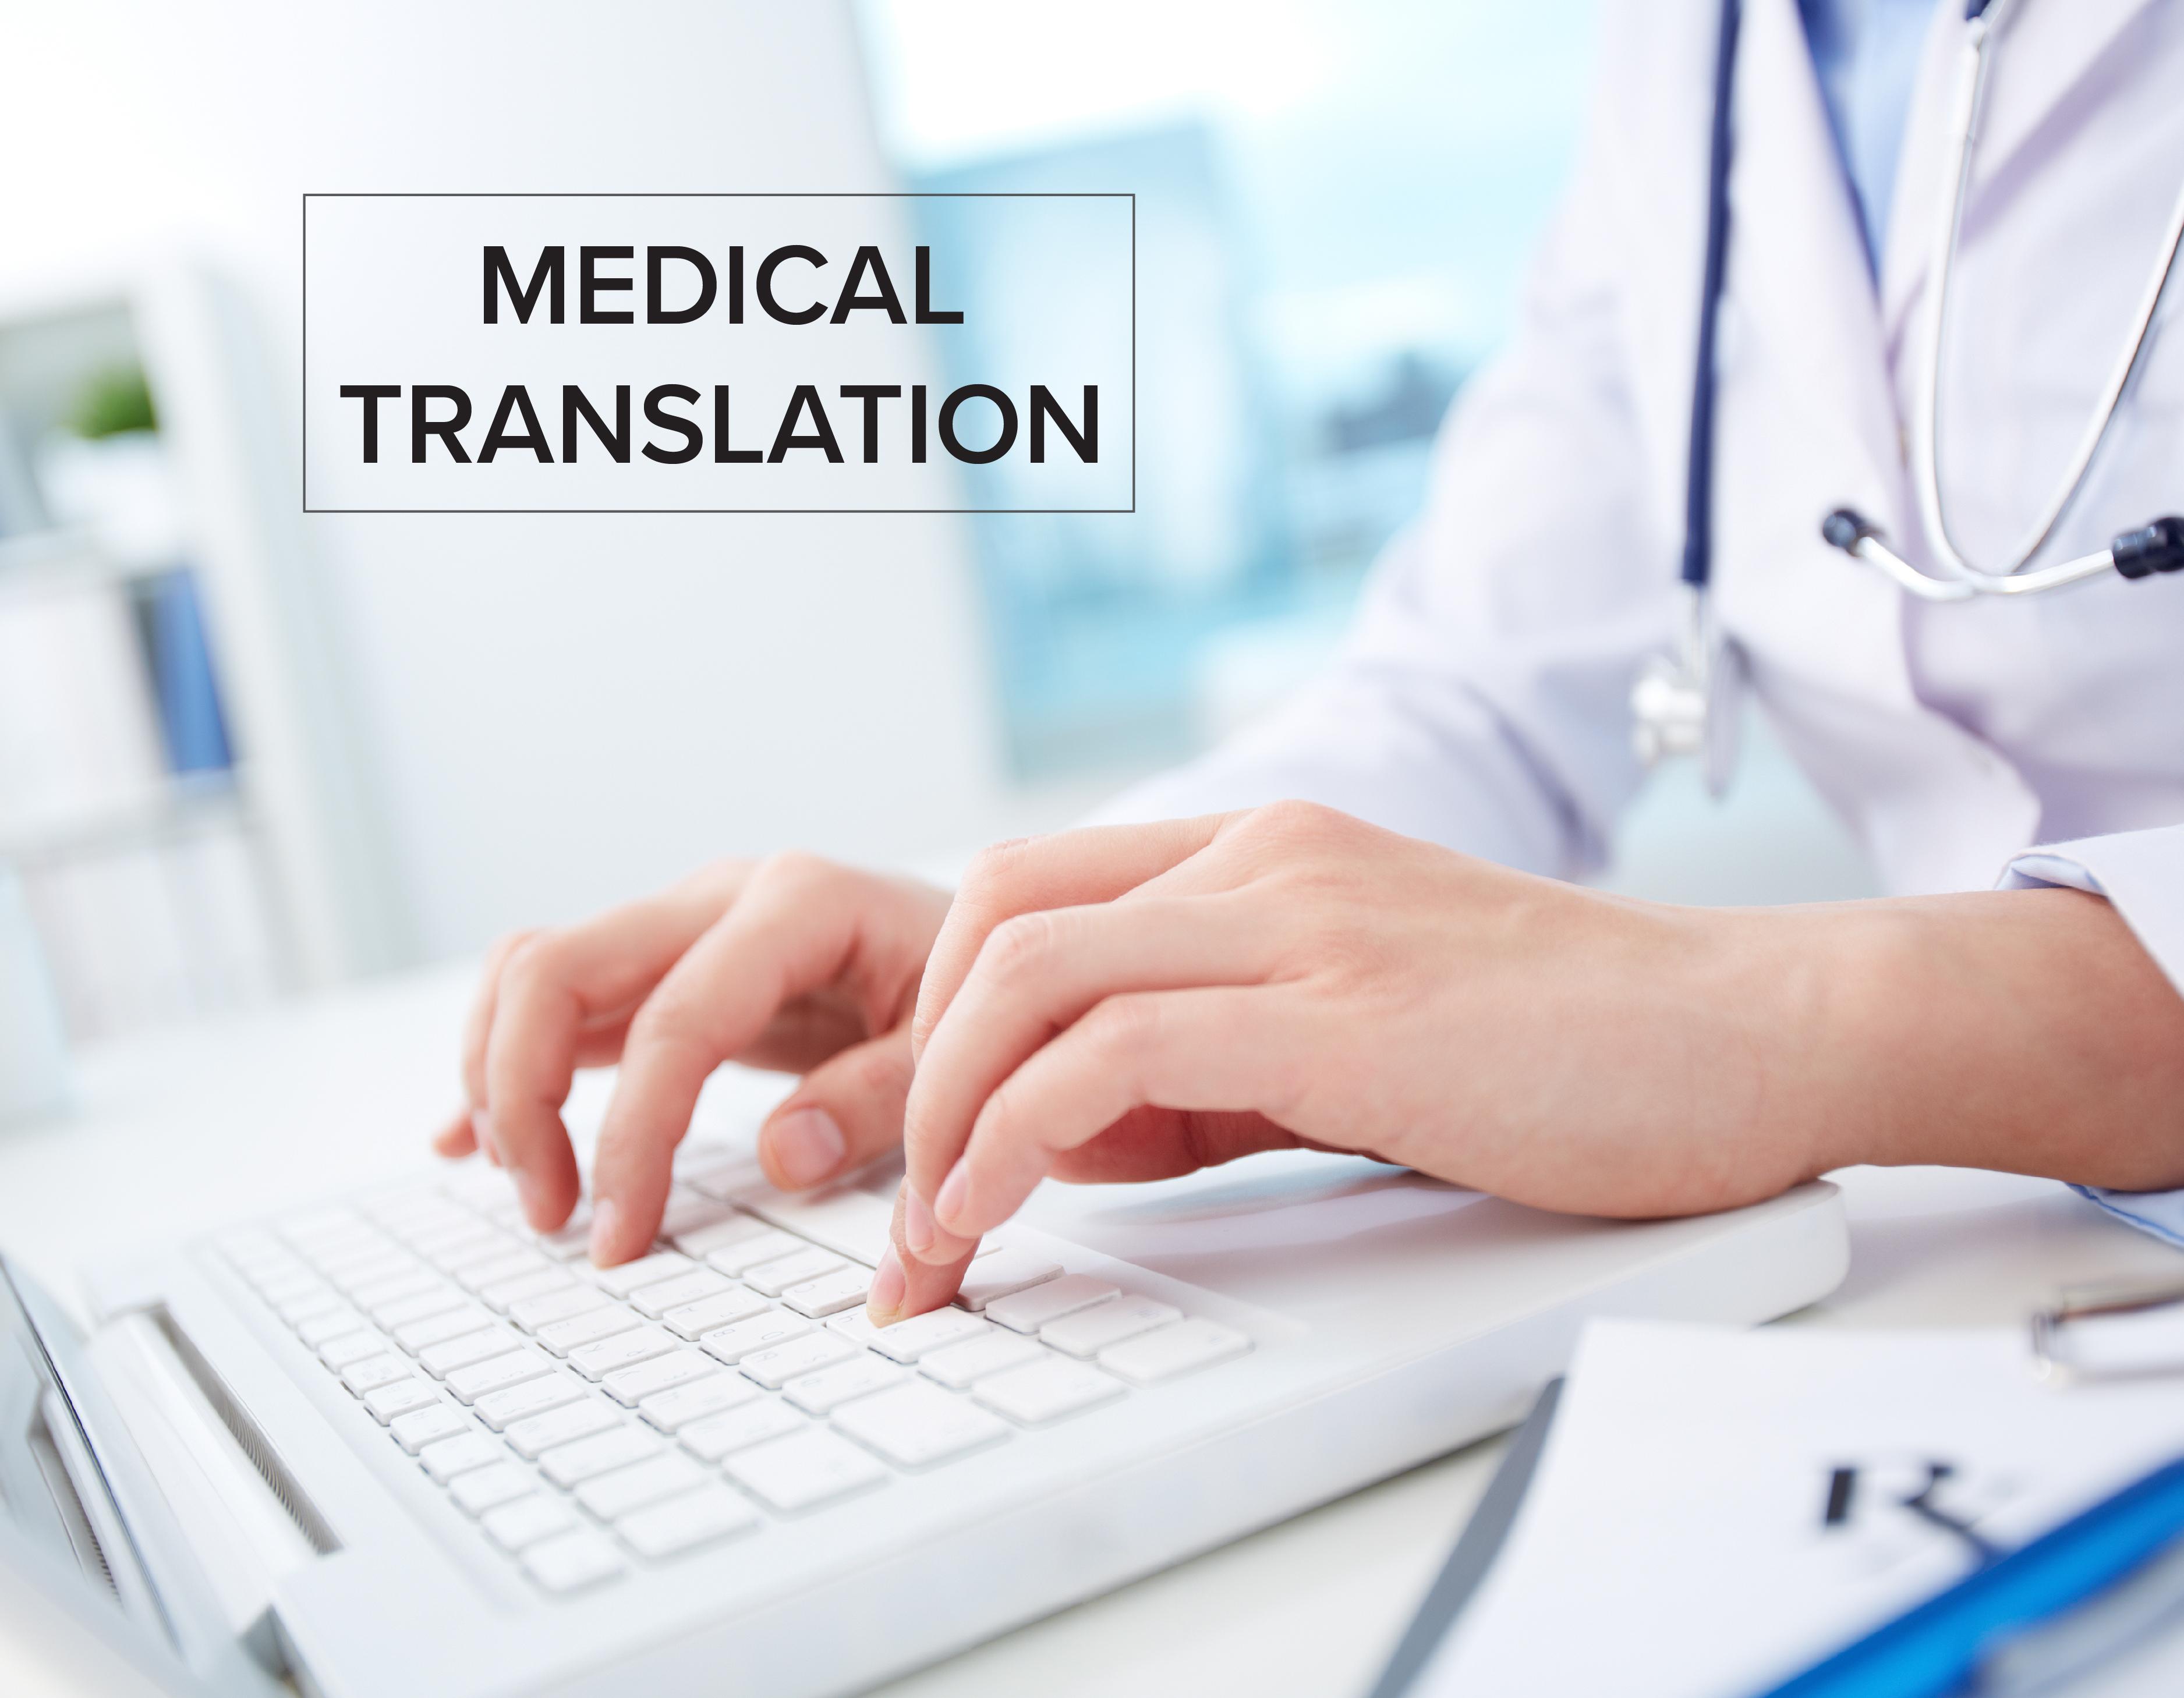 الترجمة الطبية وتشخيصها الاحترافي